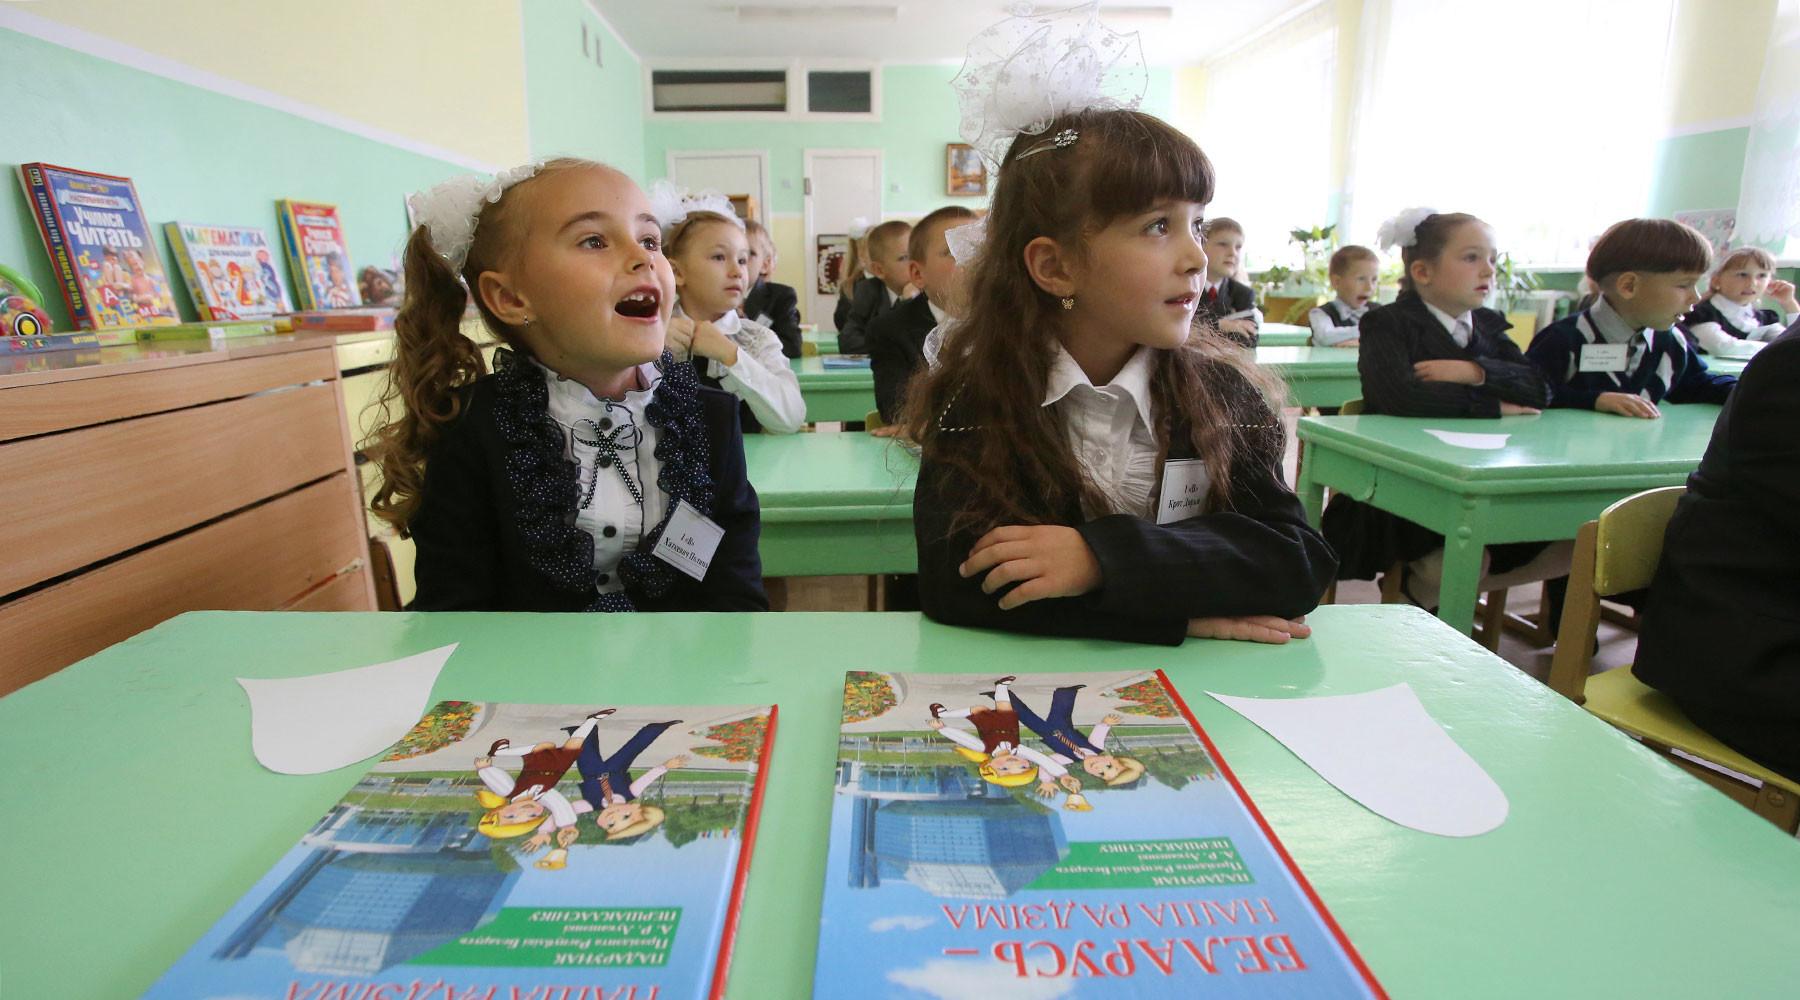 Контрольная работа: зачем белорусских педагогов обязали проверять, в каких условиях живут их ученики